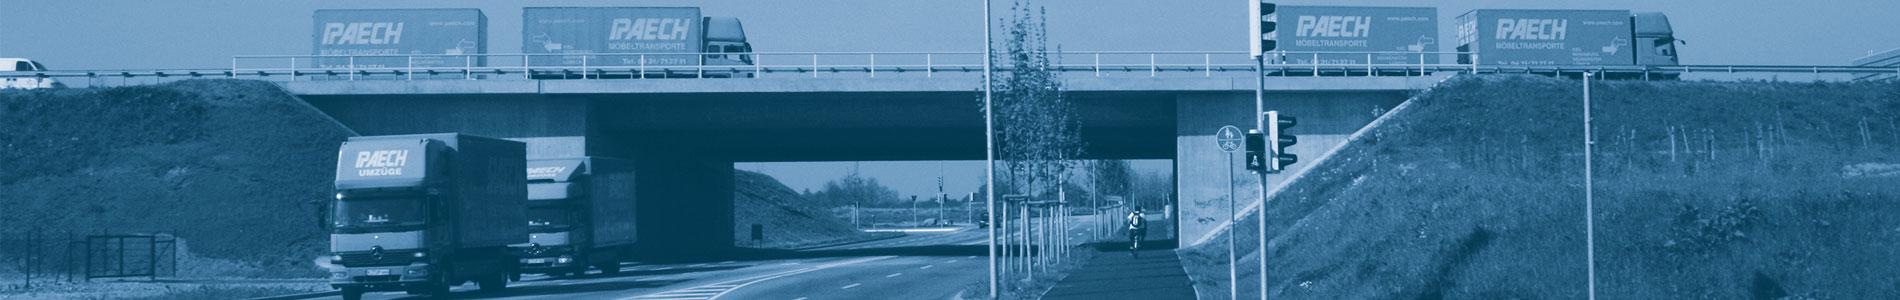 Ute Paech GmbH & Co. KG - Flytting i by- eller nærområde